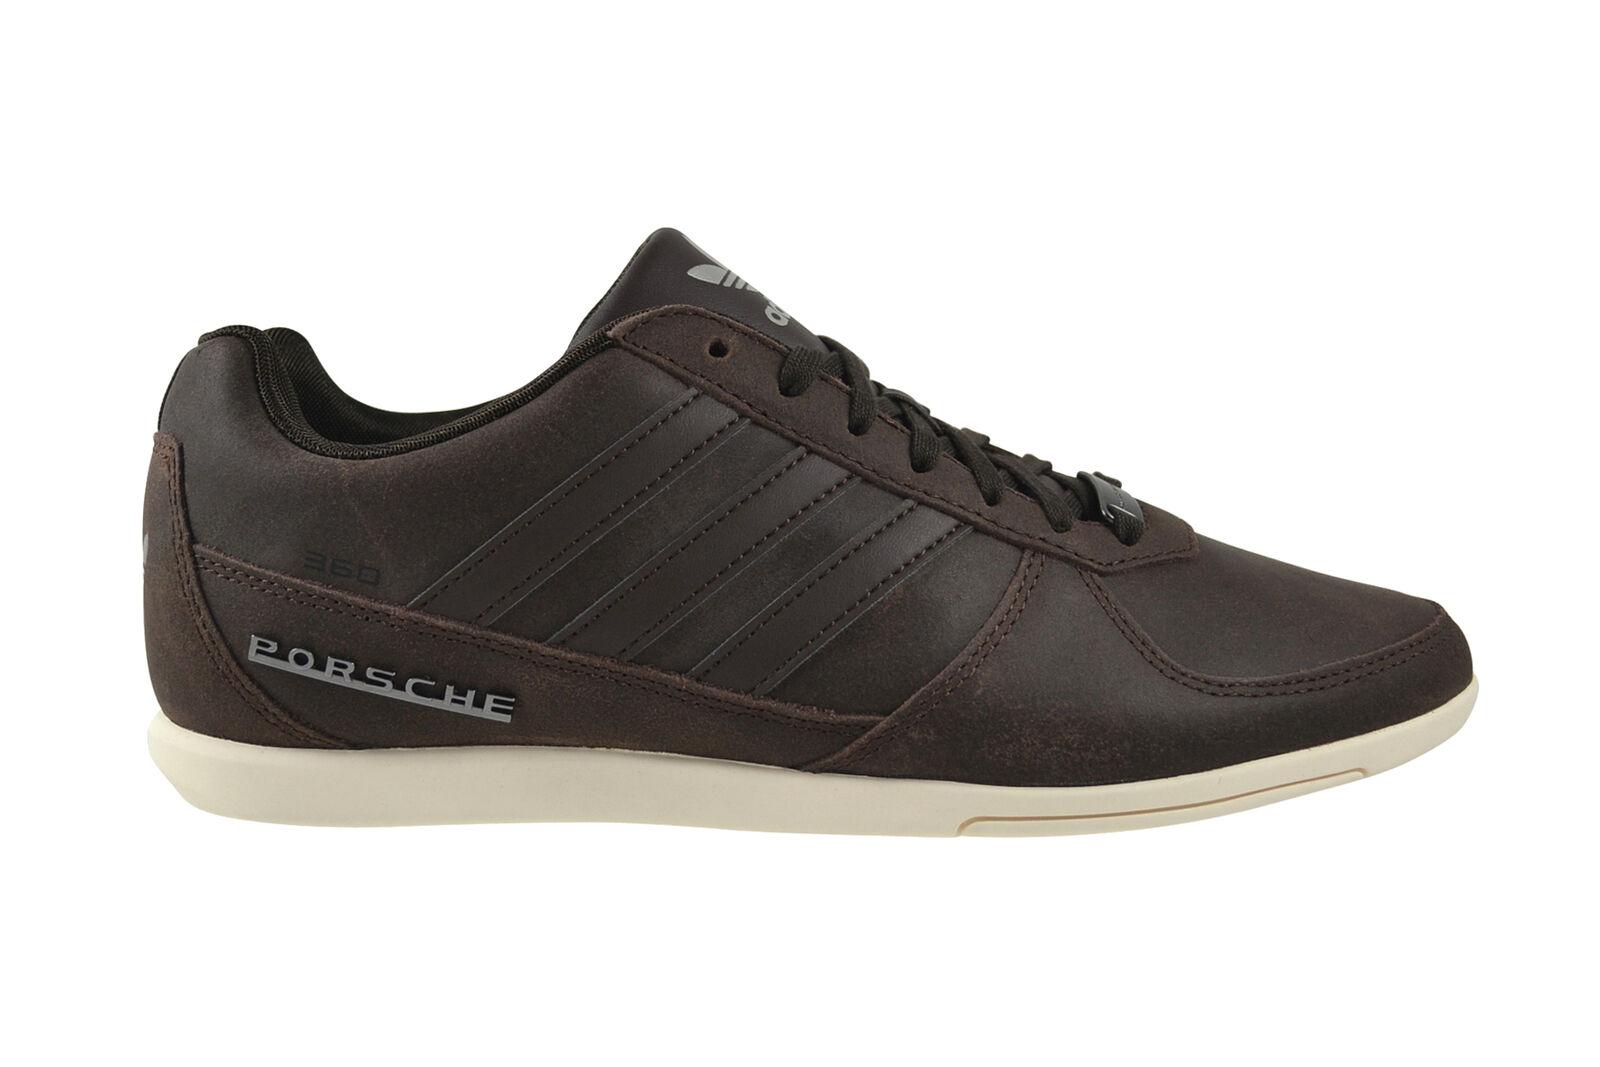 Adidas Porsche 360 1.2 Suede dark brown white Sneaker Schuhe braun S76103